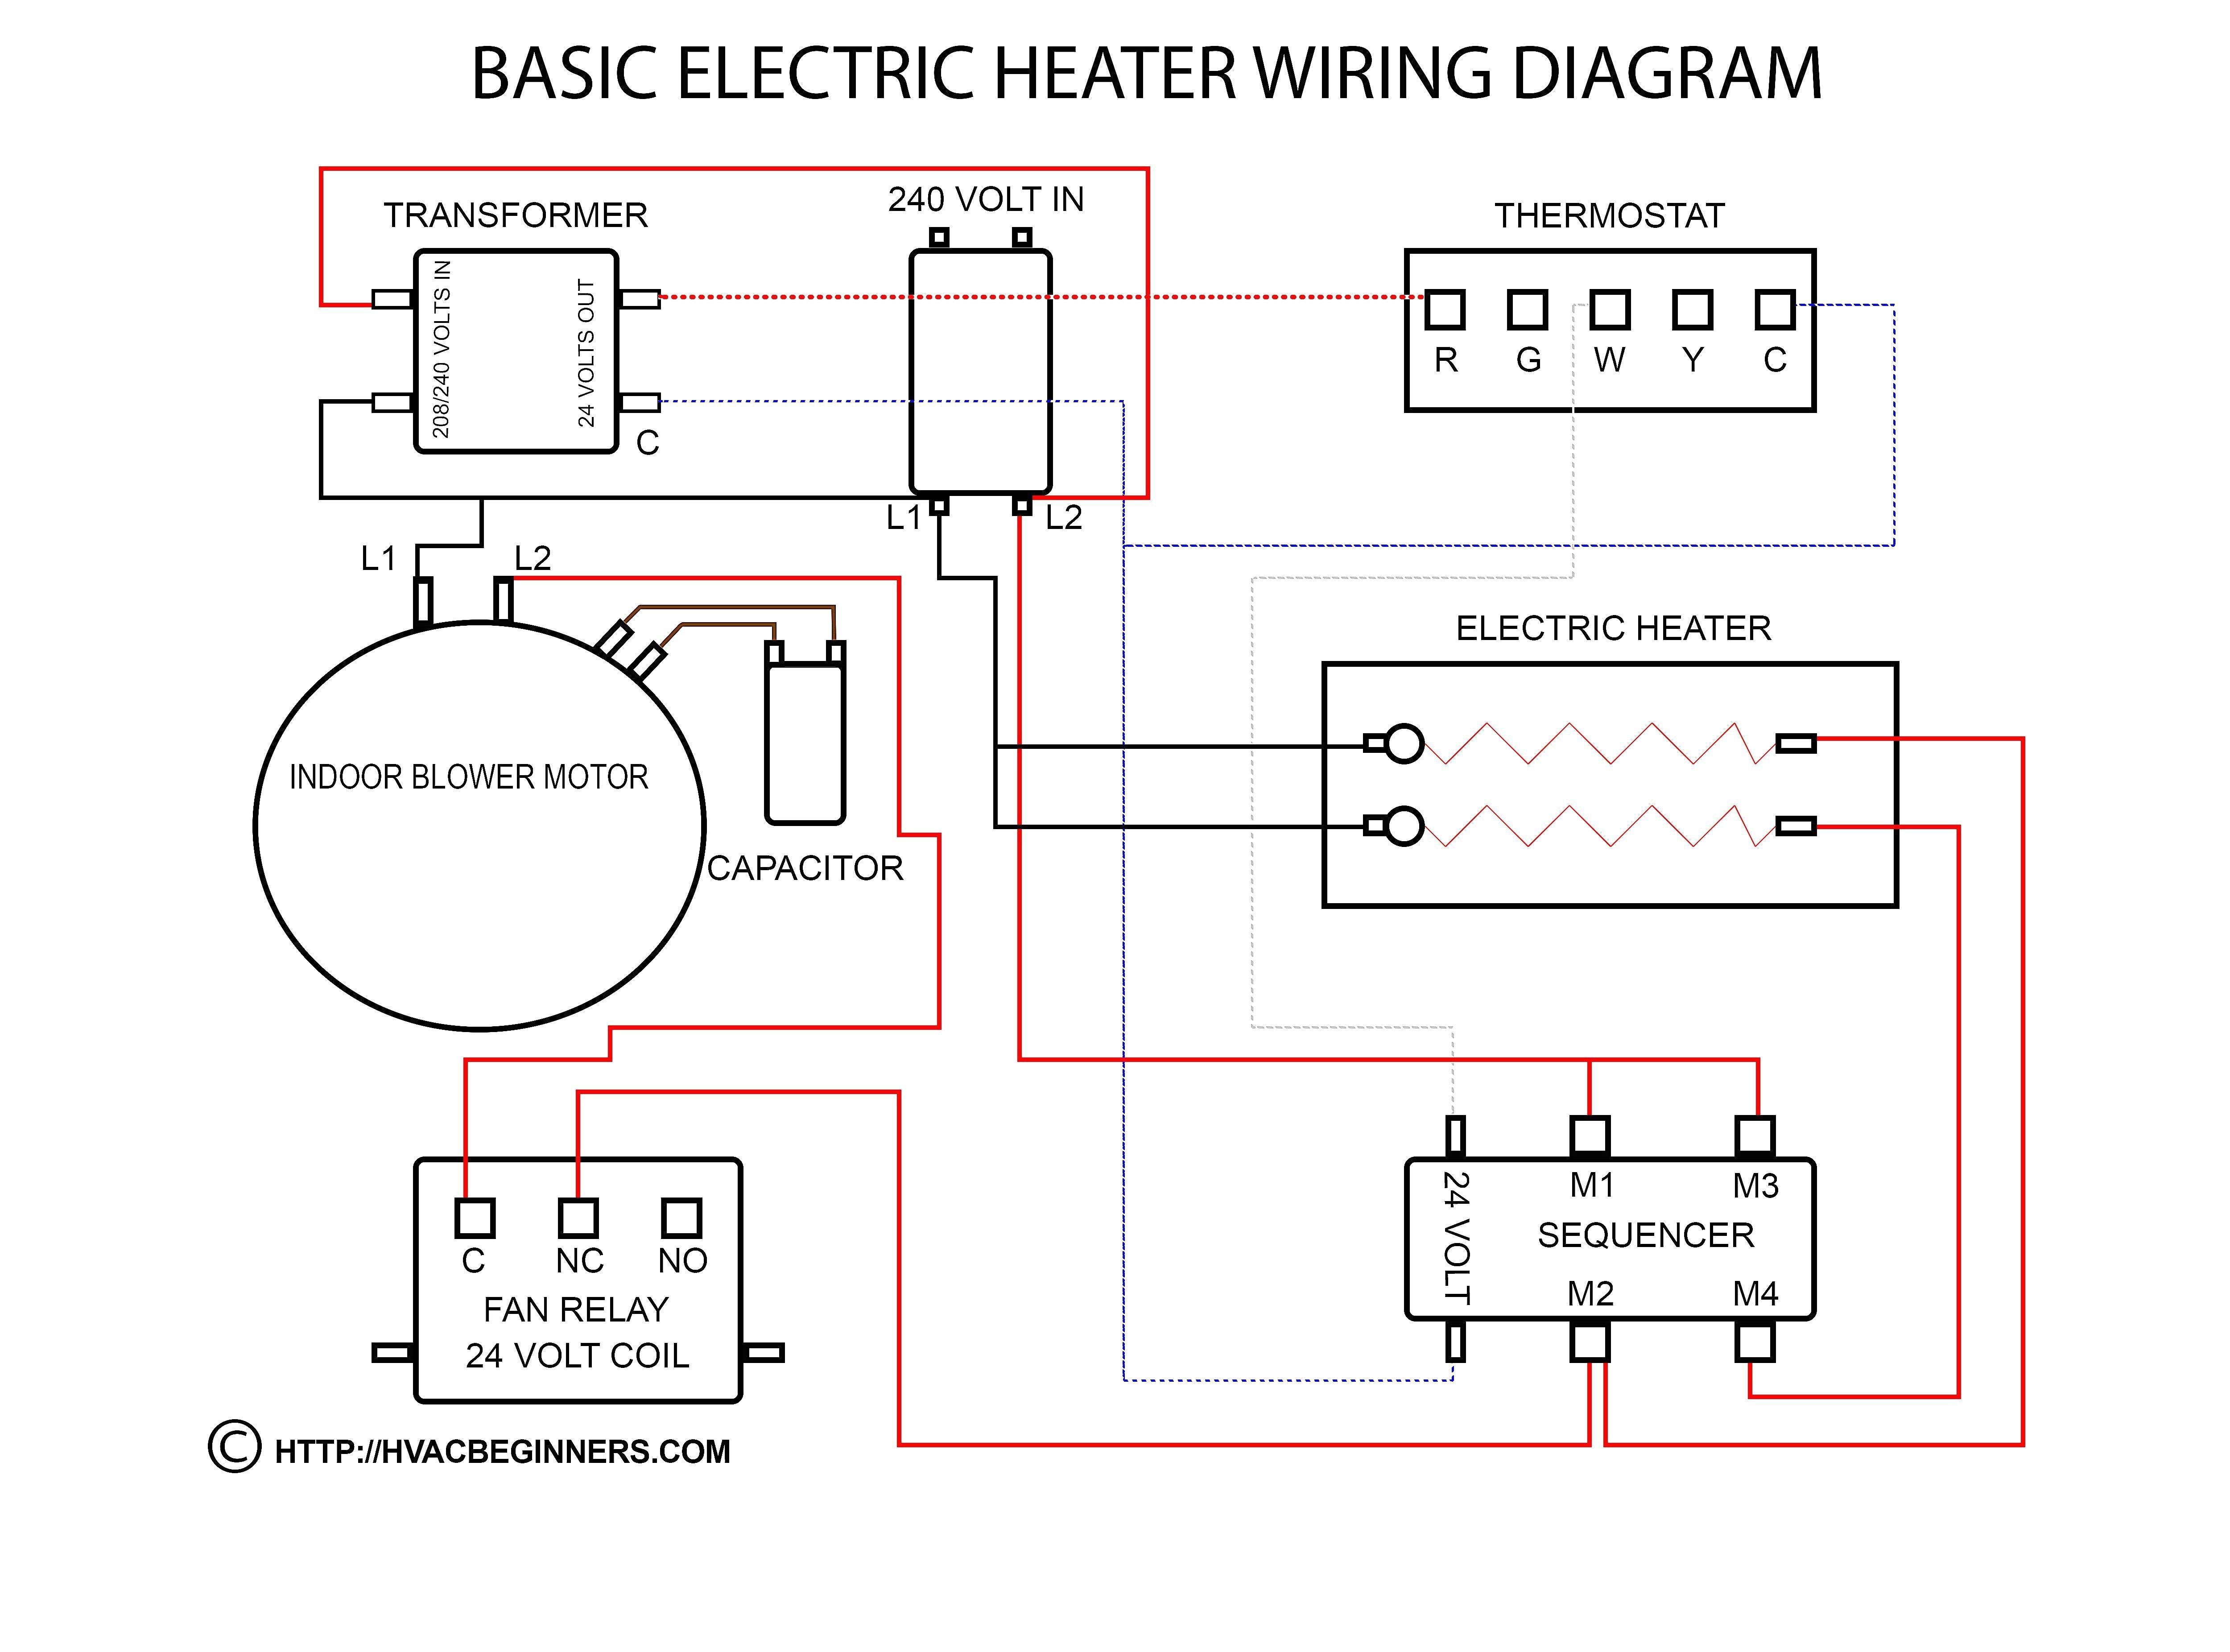 general ac wiring diagrams wiring diagram name o general ac outdoor unit wiring diagram general ac wiring diagram